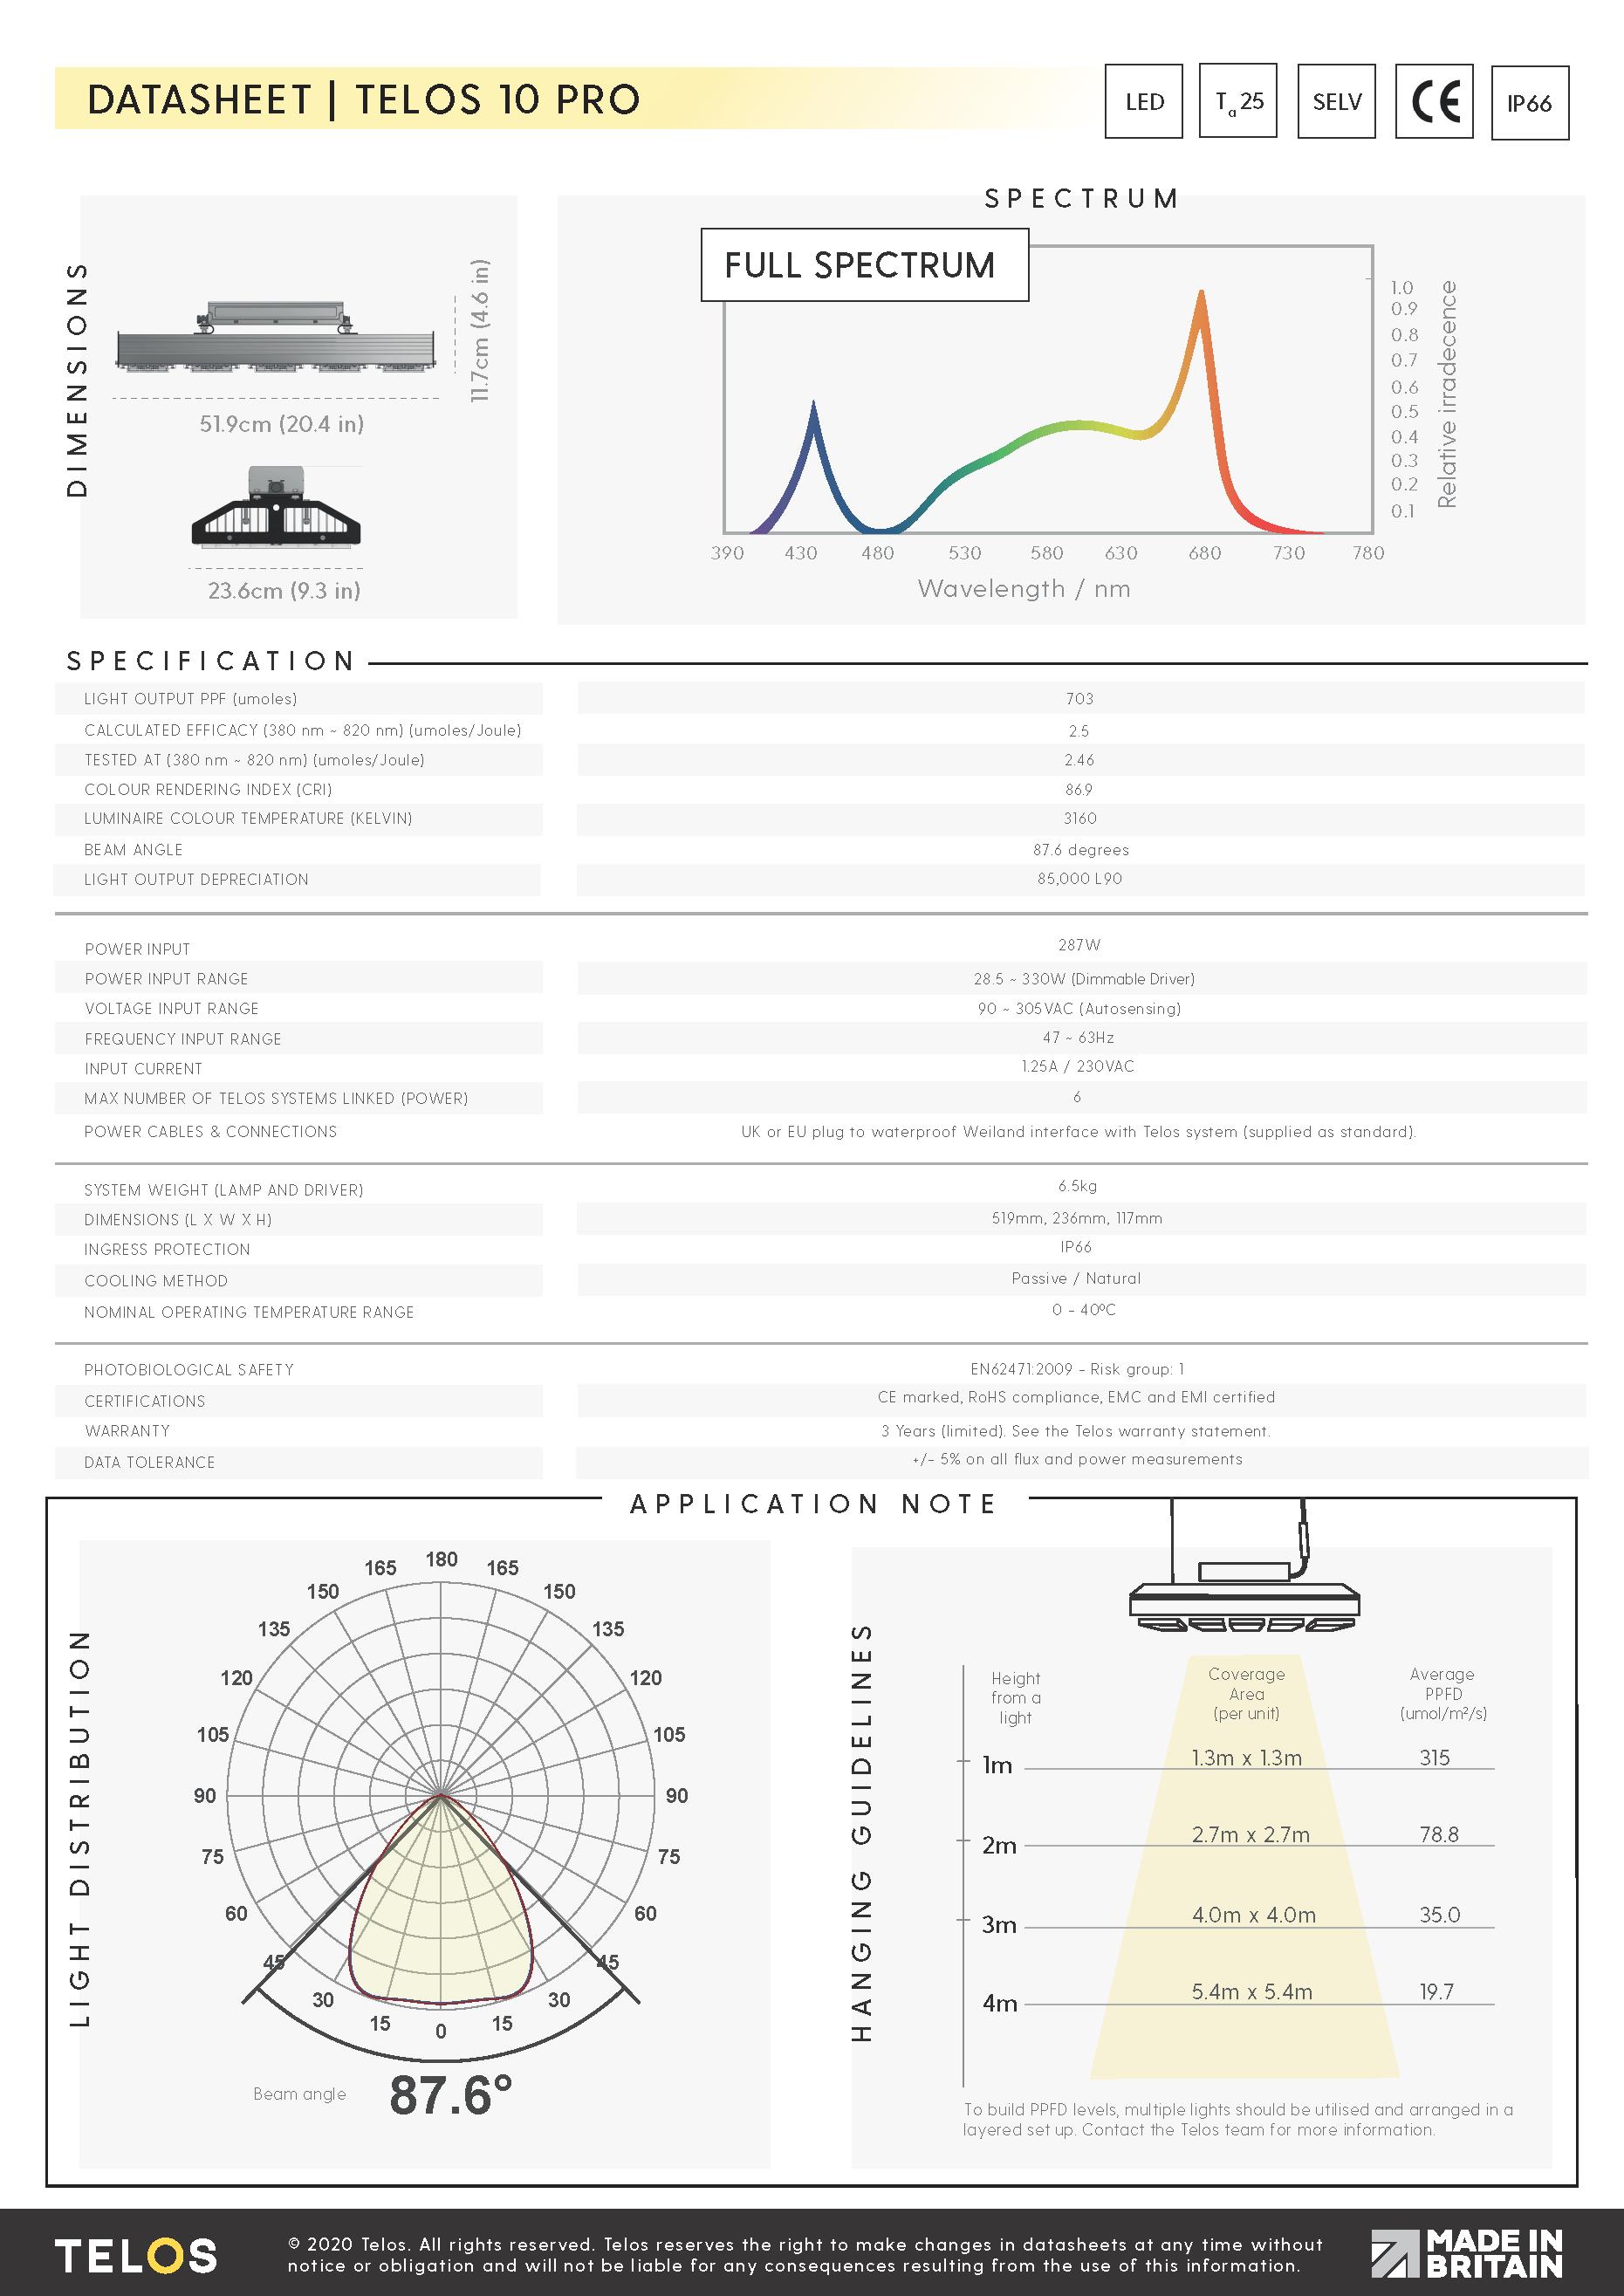 telos-10-pro-data-sheet-2020-page-2.png